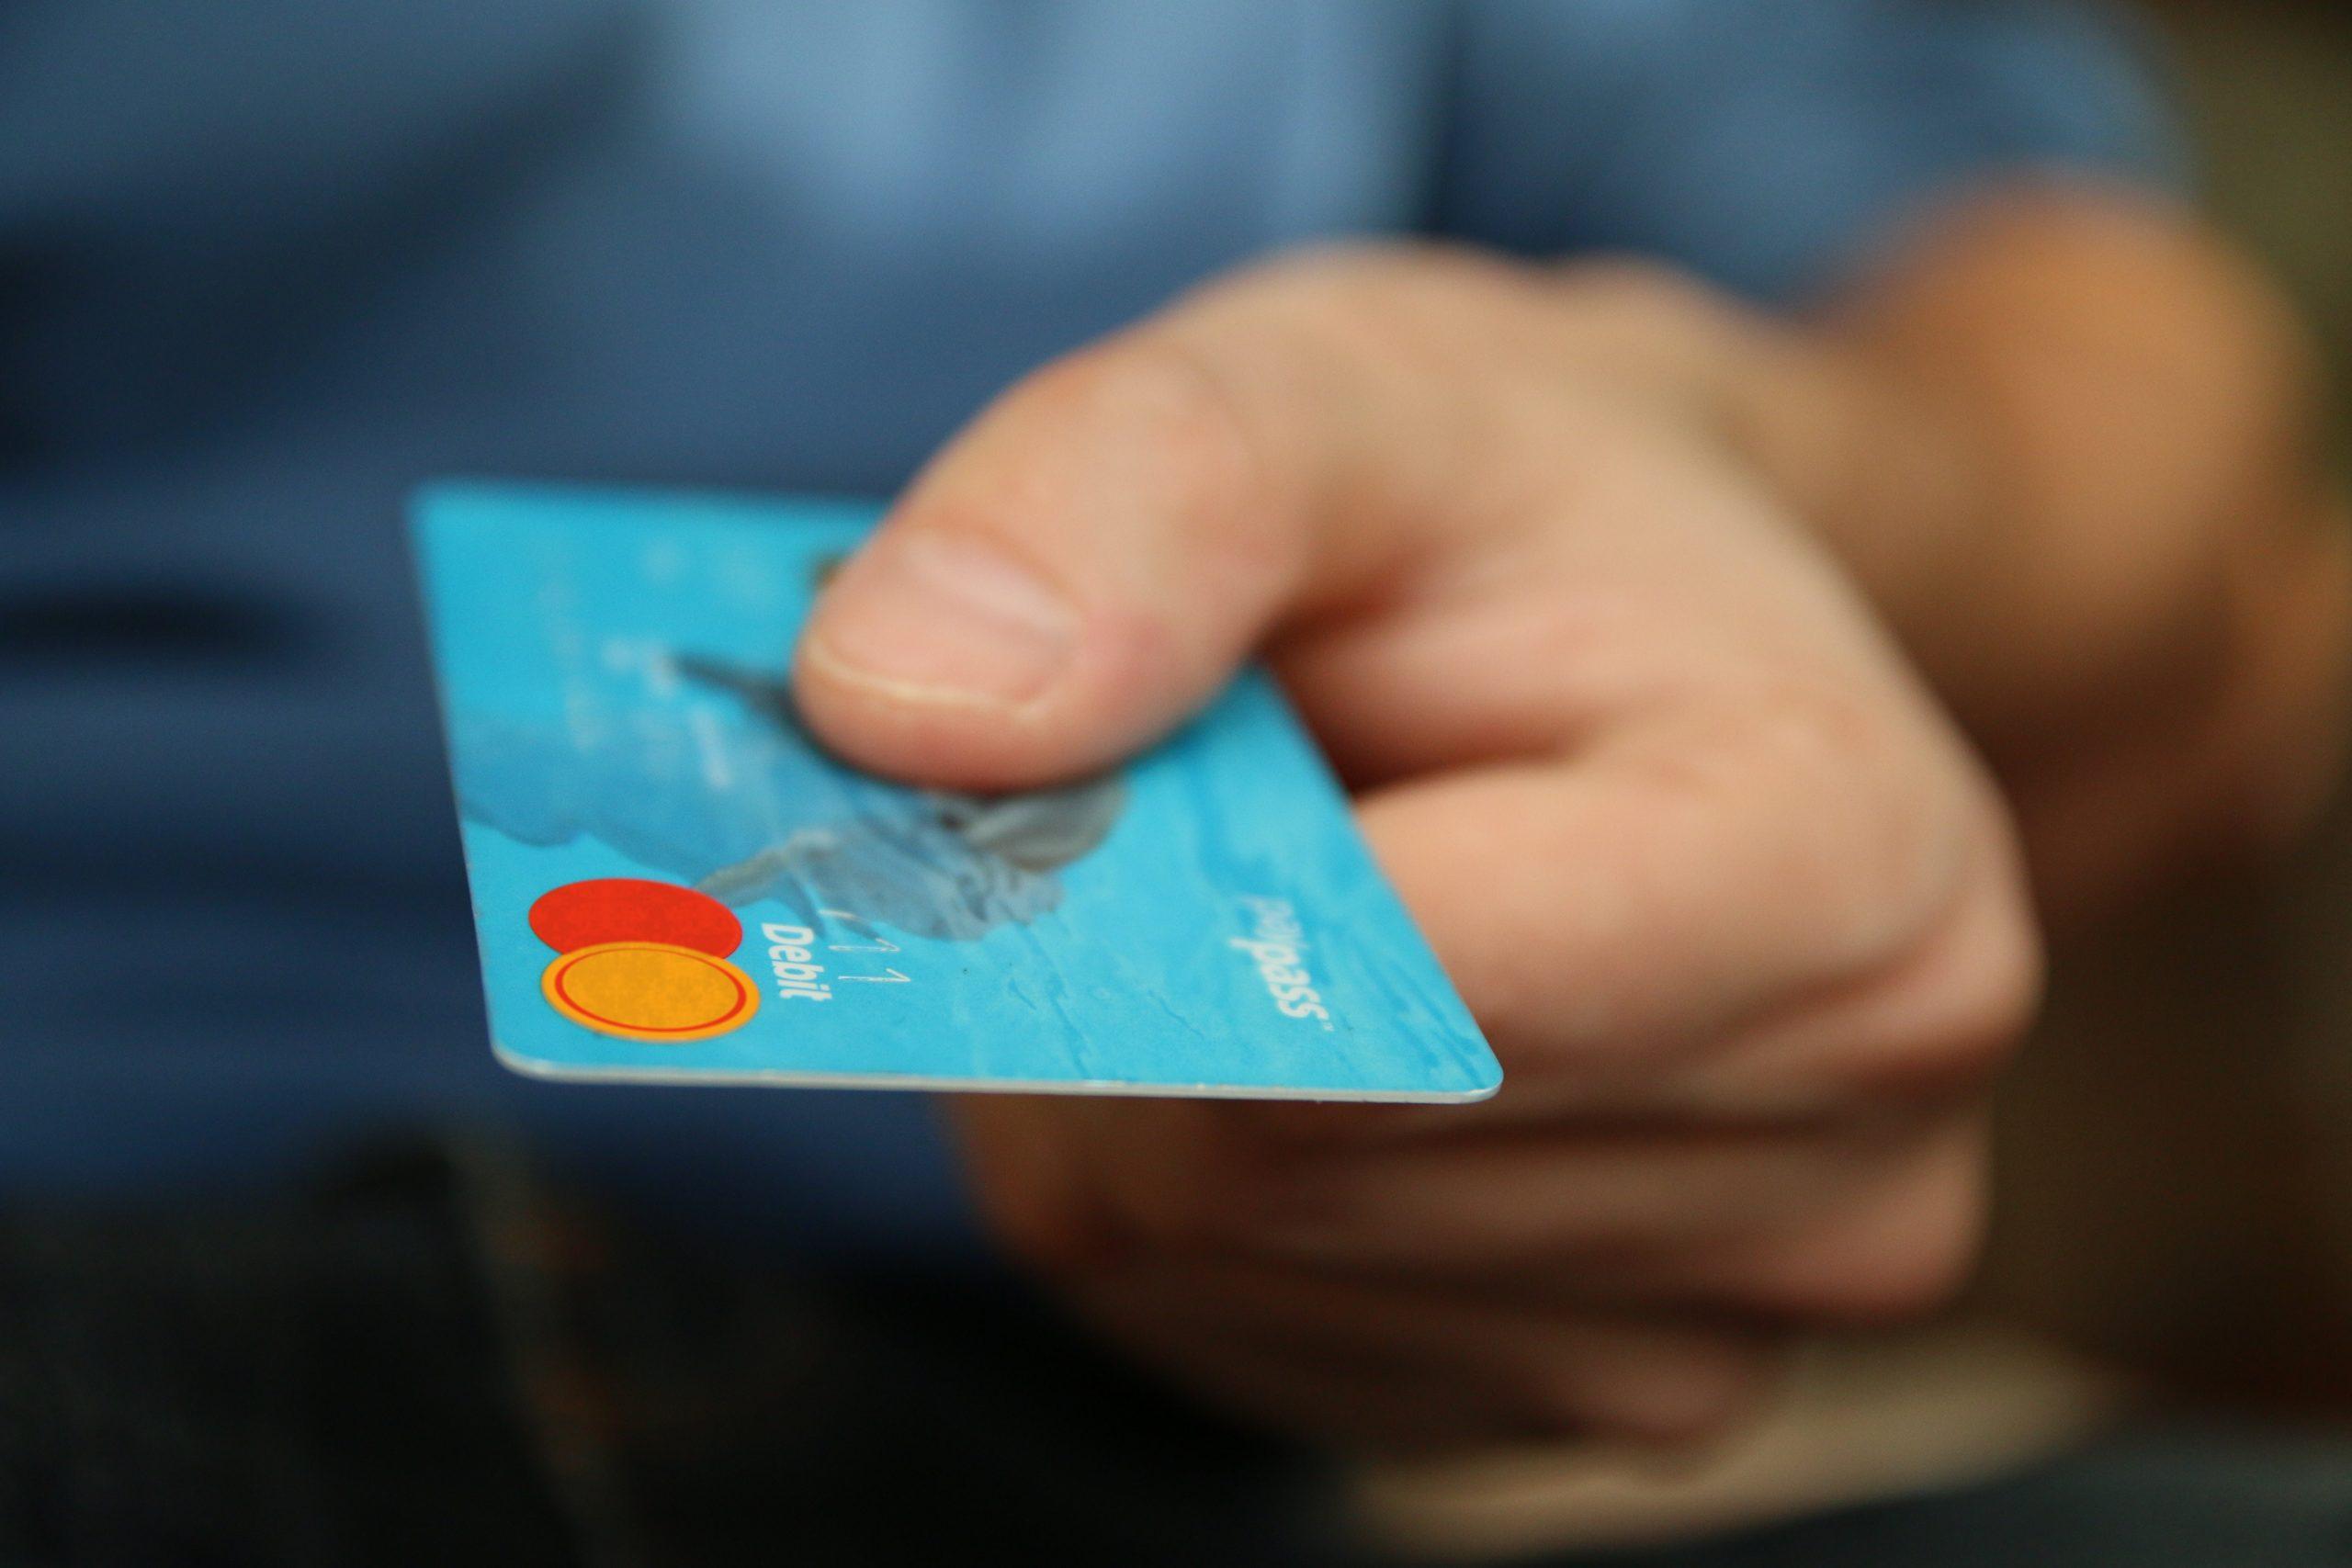 """""""Deudas por tarjetas, el  gran problema que viene"""", señala la fintech yotepresto.com"""